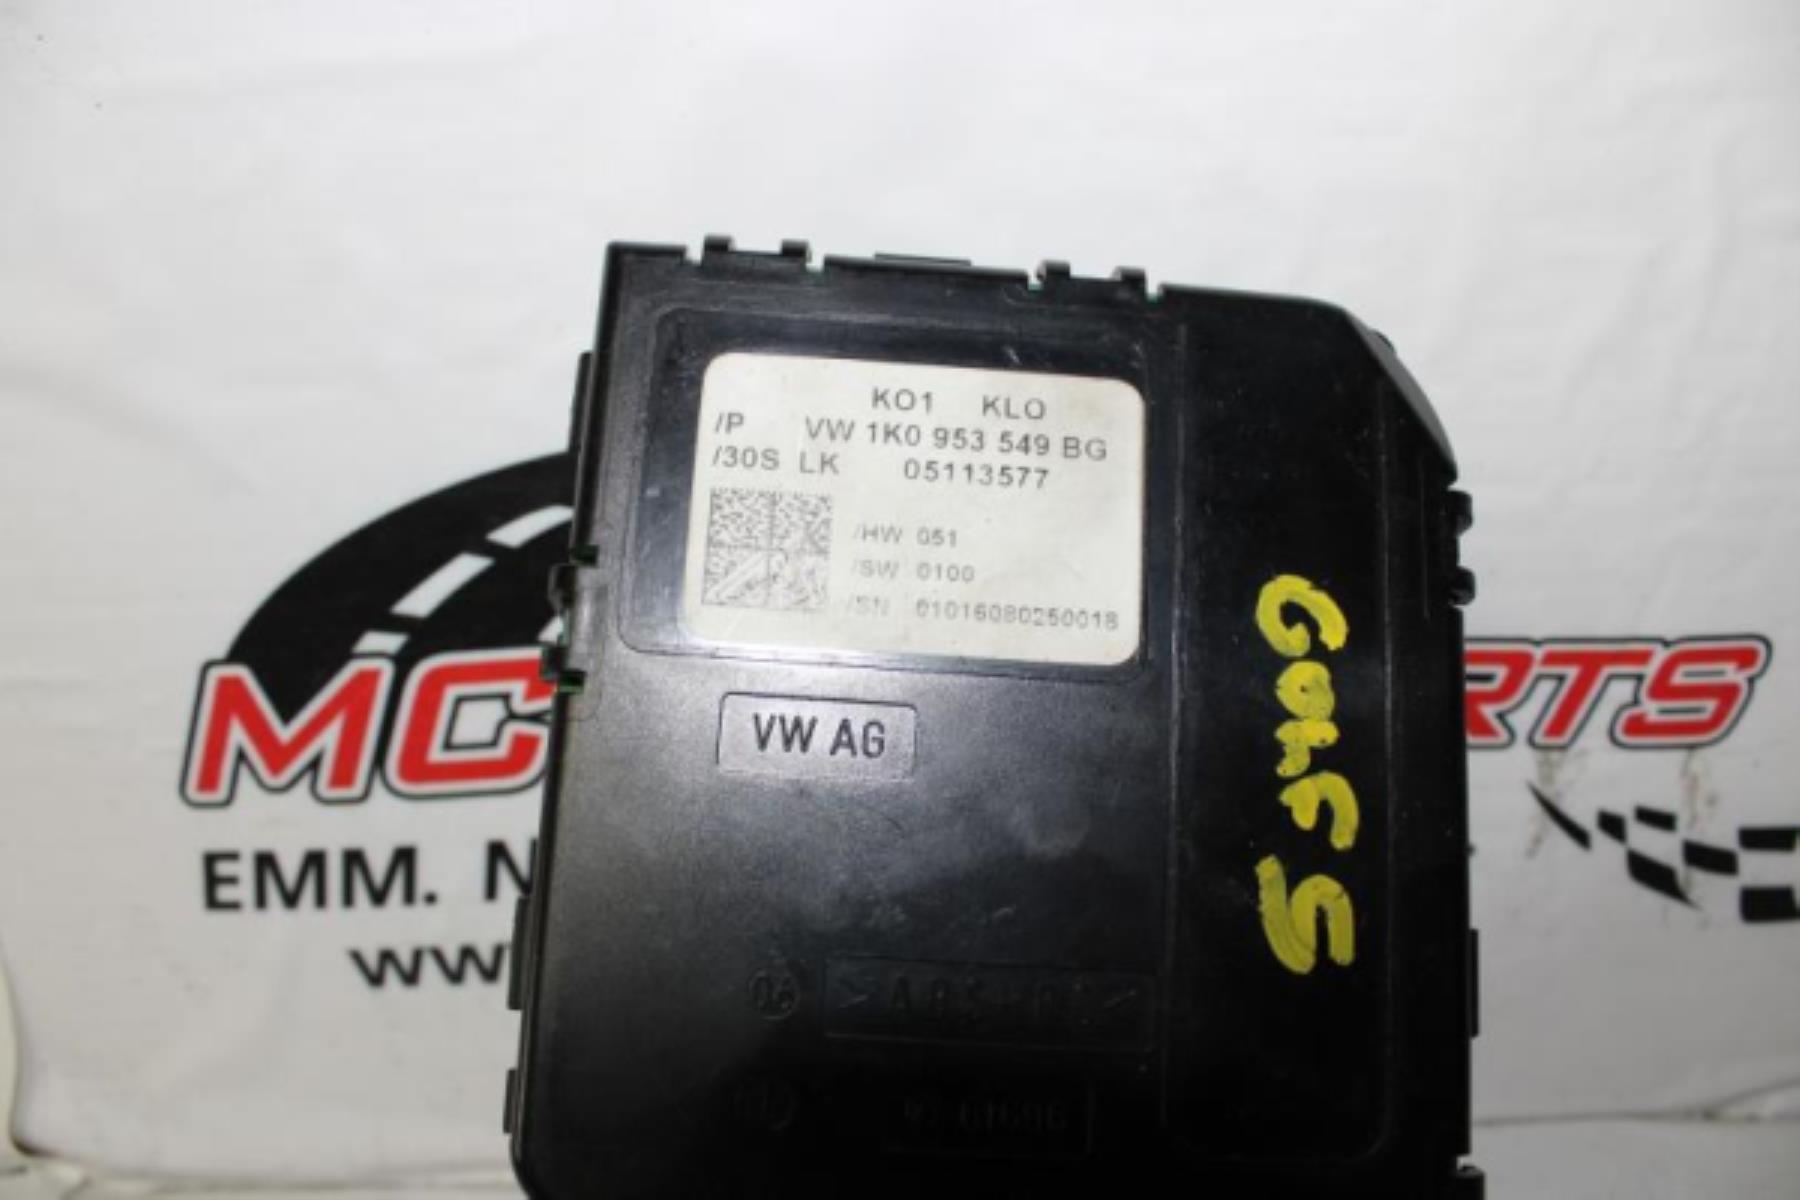 Εικόνα από Πλακέτα  VW GOLF 5 (2004-2008)  1K0953549BG   τιμονιού